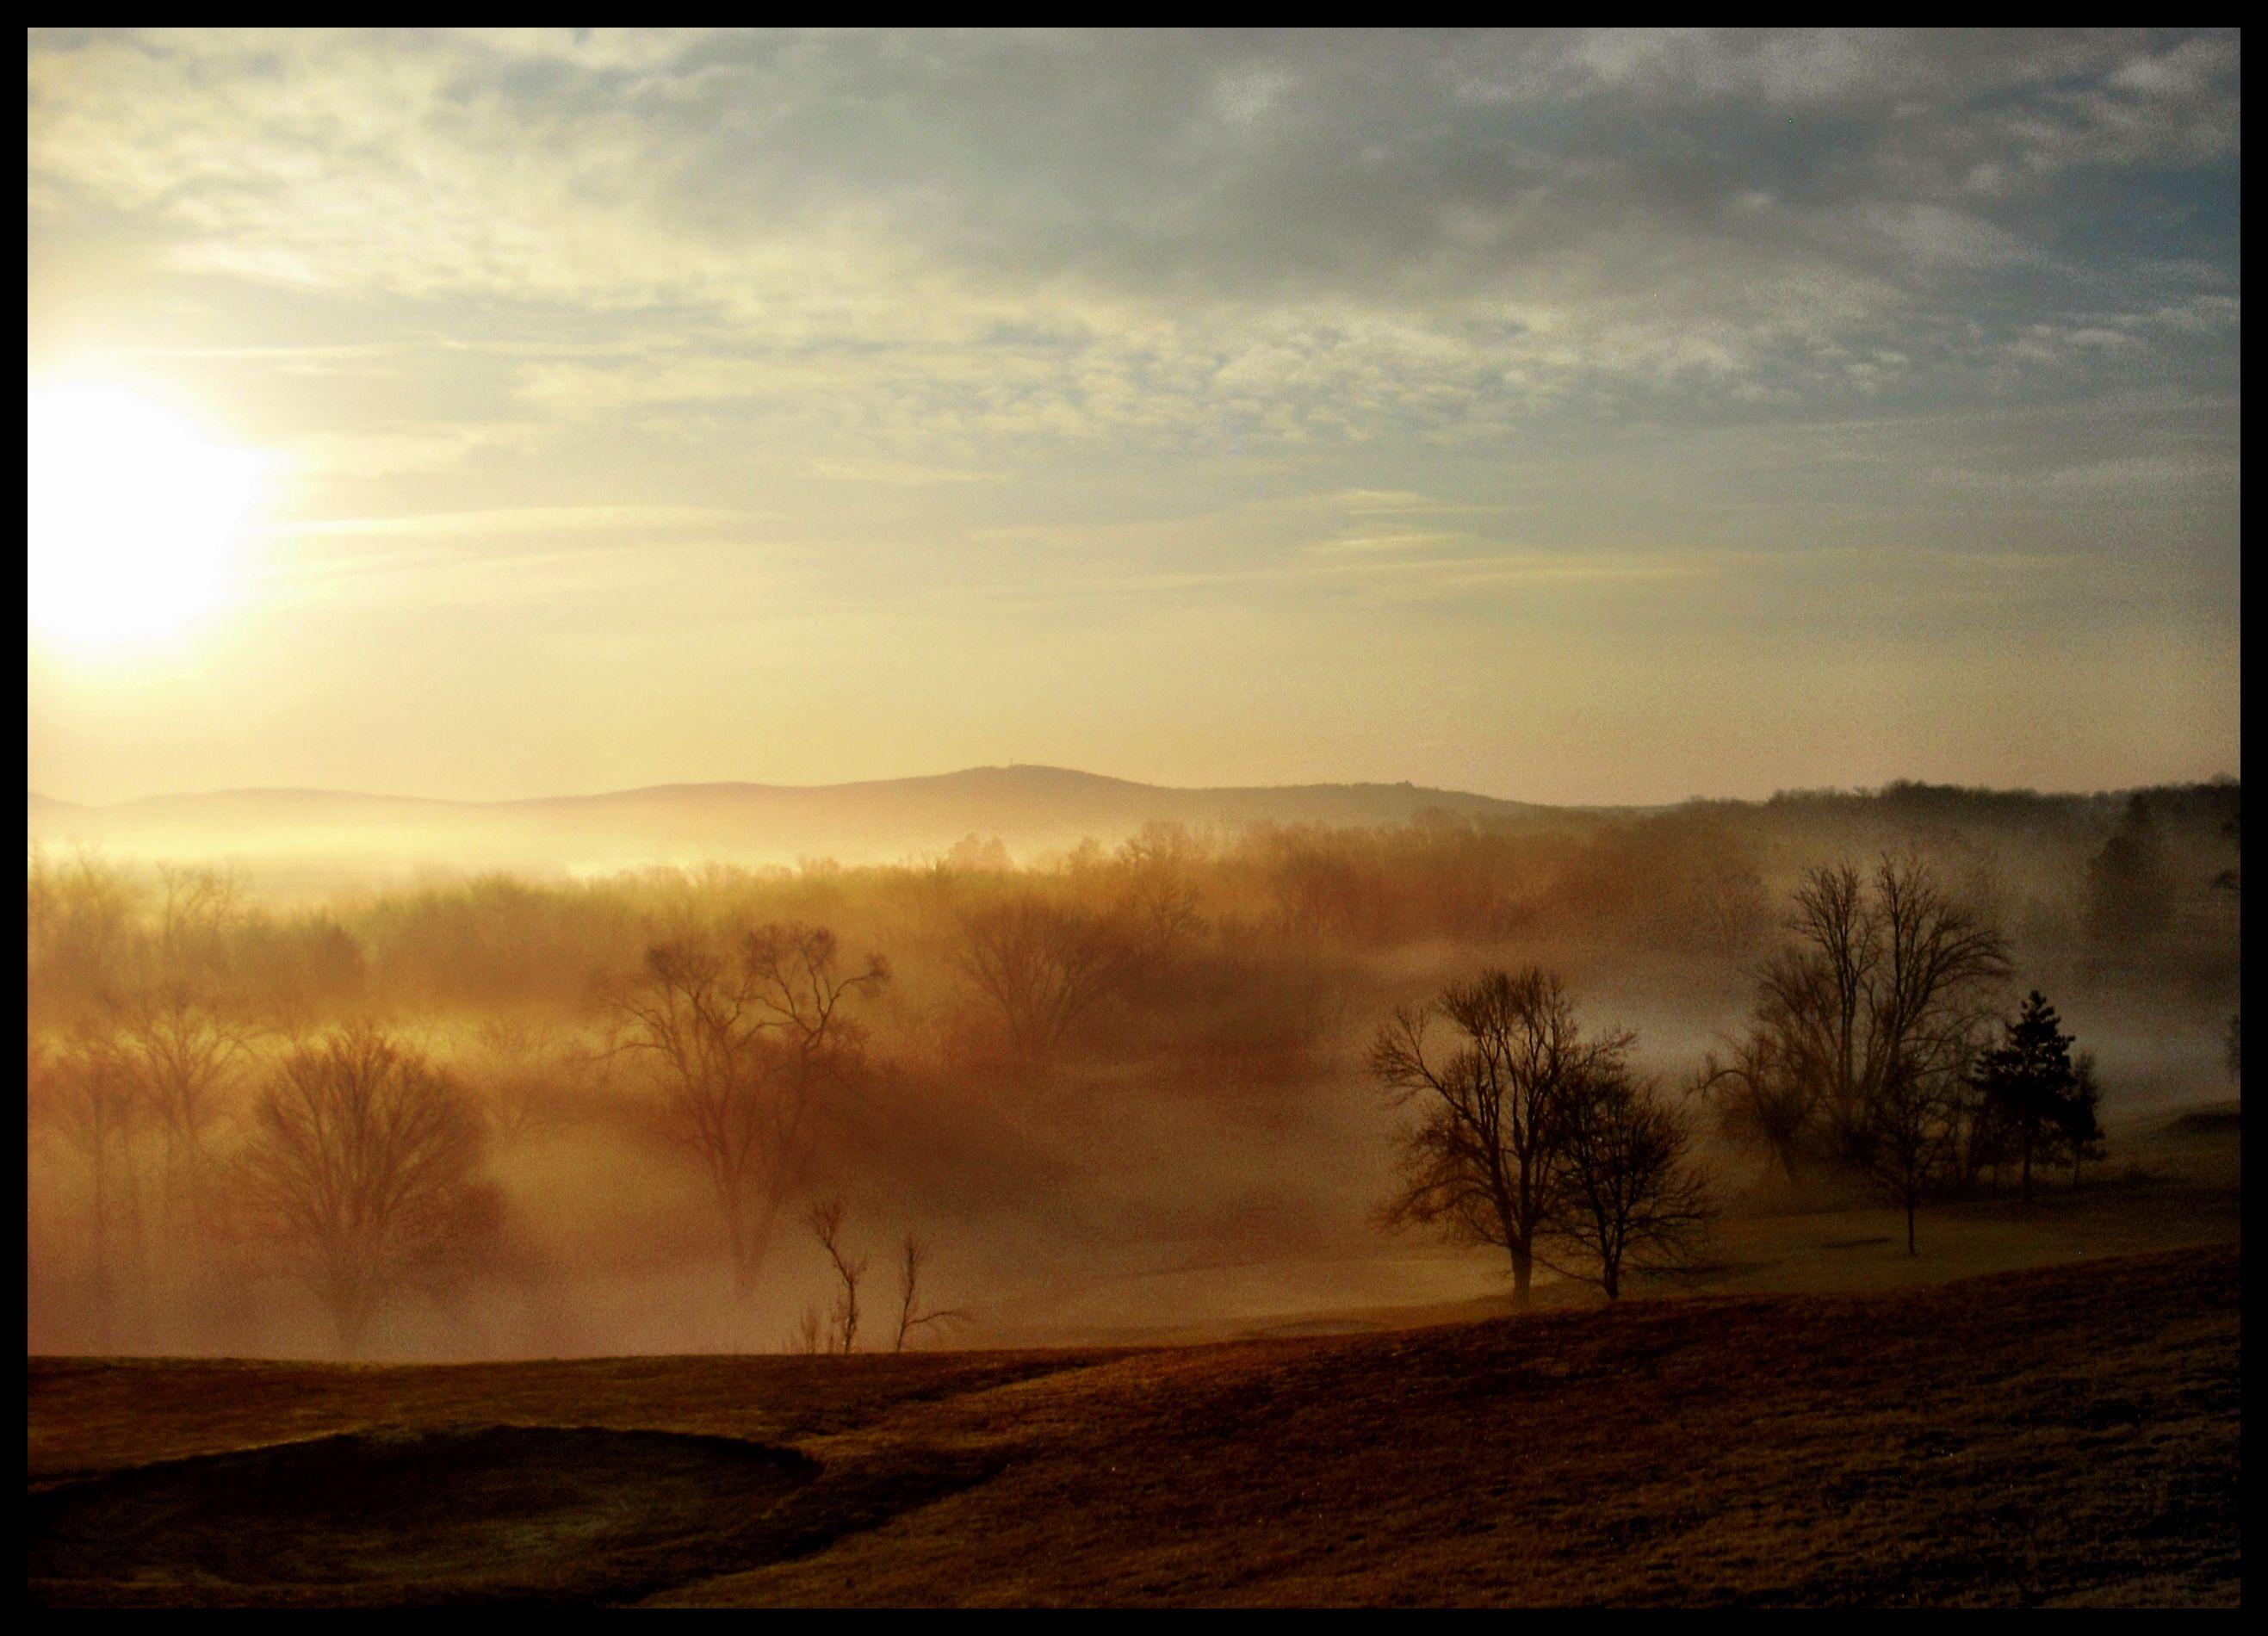 Mist again